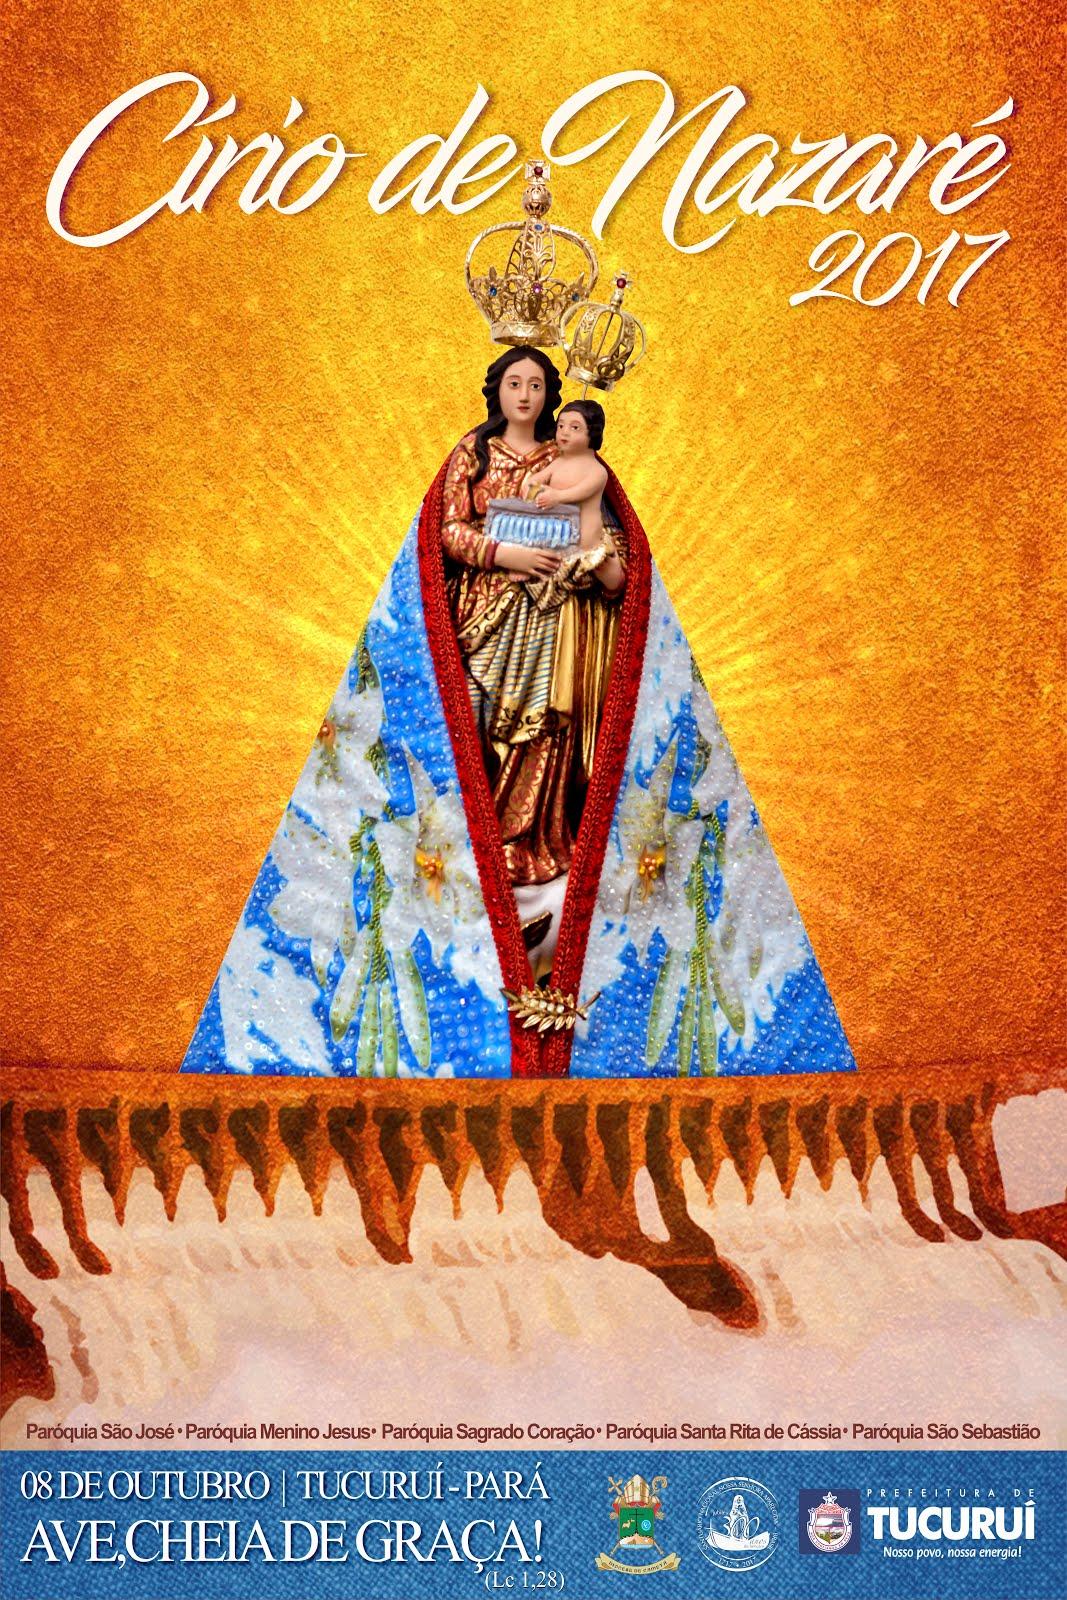 Círio de Nazaré 2017 - Tucuruí, 08 de Outubro